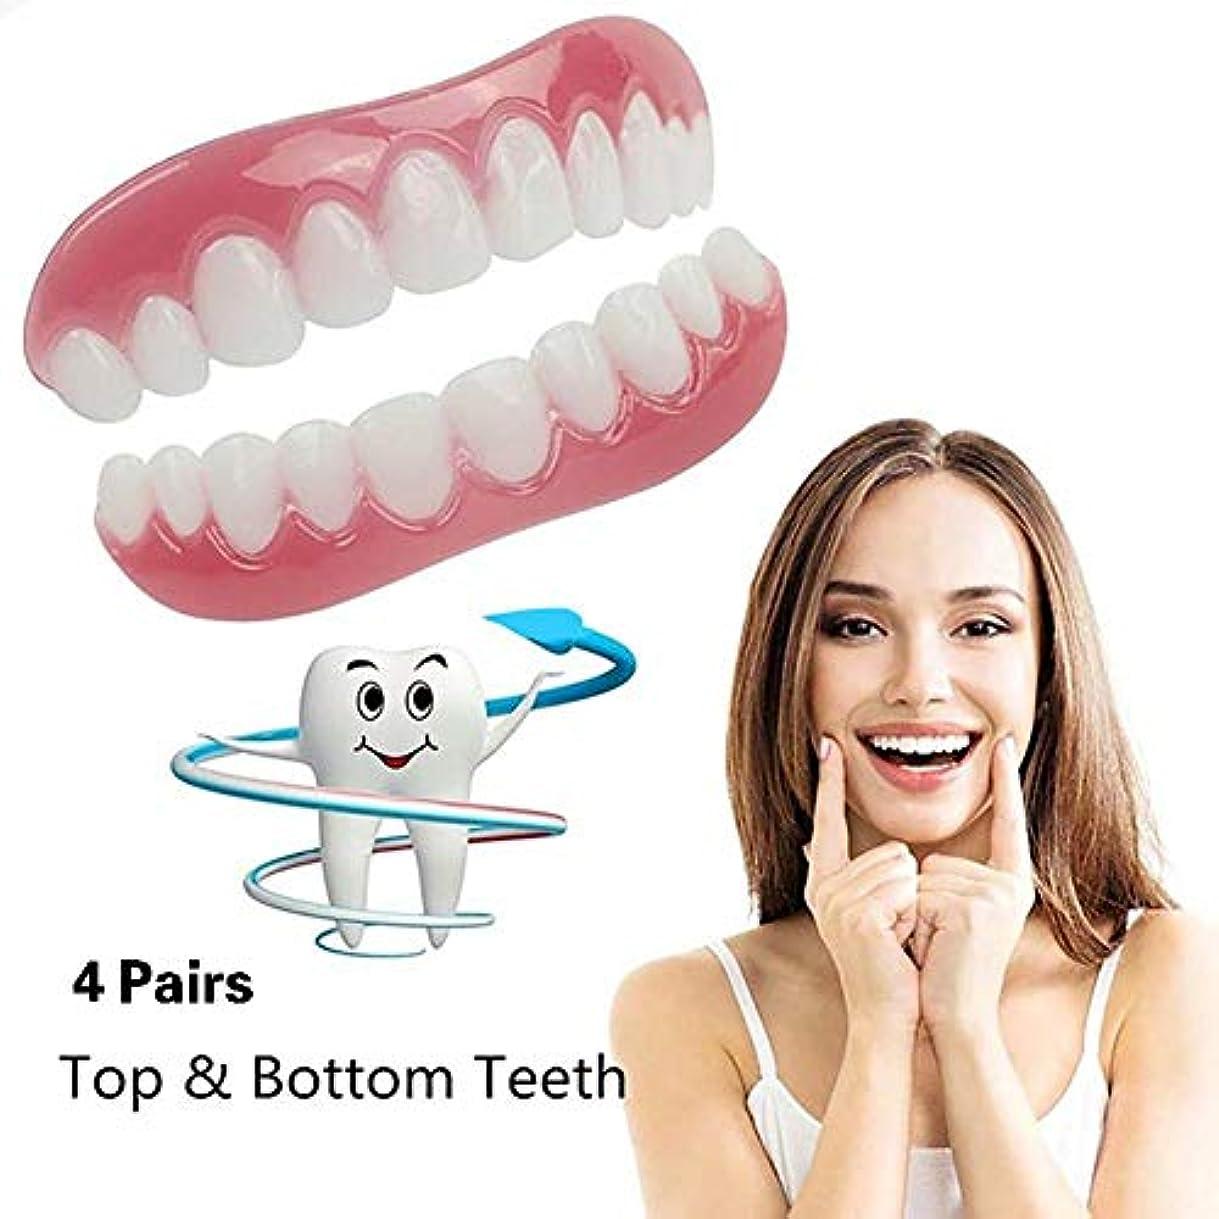 悔い改めマインドフルからシリコーンの歯のベニヤ化粧品の歯のスナップのしっかりとした上部の低い屈曲の歯科ベニヤ義歯のケアを白くする完全な歯1つのサイズに収まるすべて